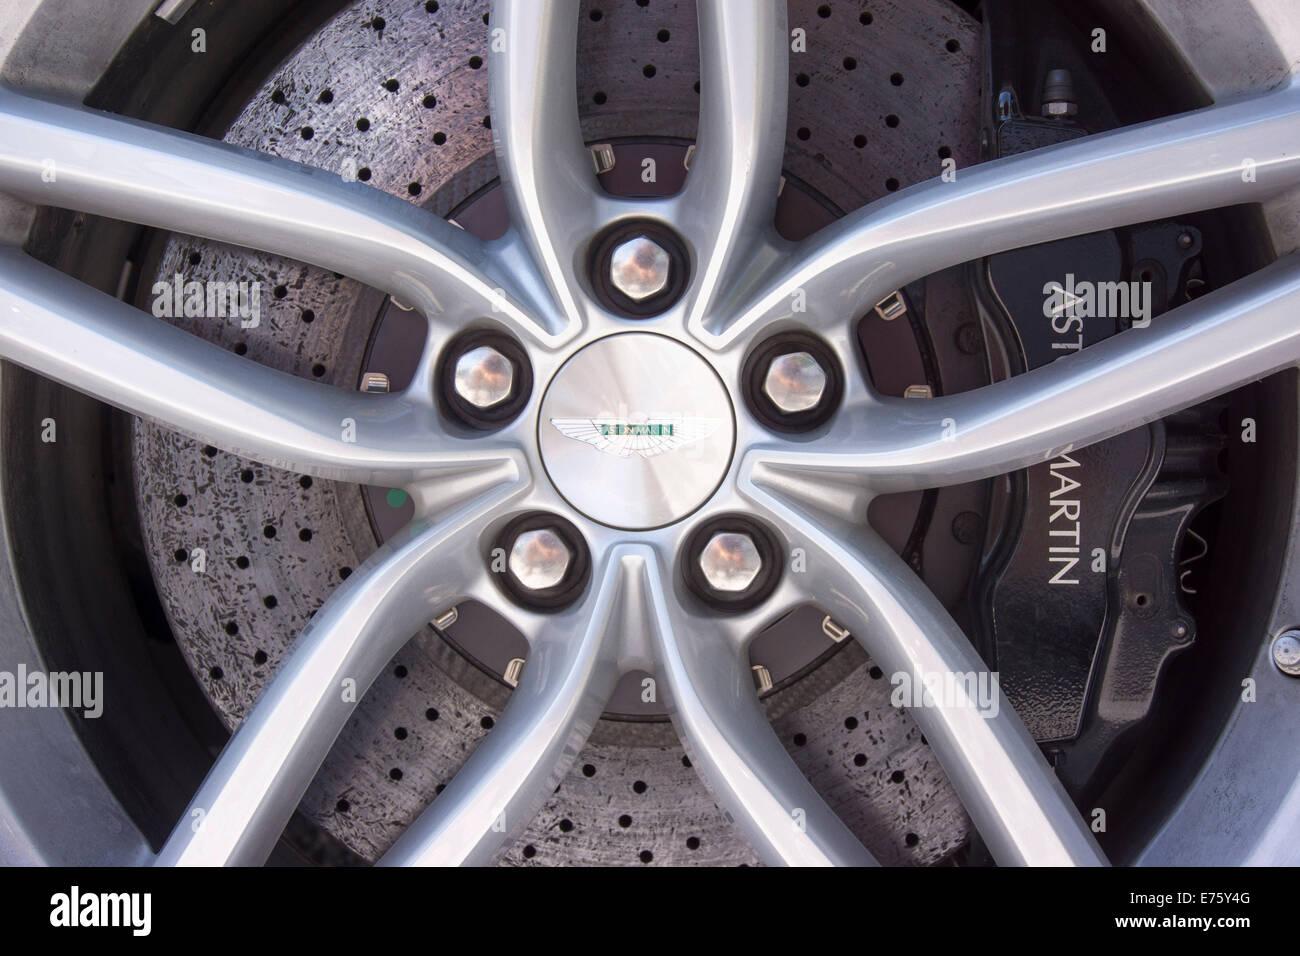 Felge mit einem Carbon Bremse Scheibe, Aston Martin DB9, 2012 Modell Stockbild